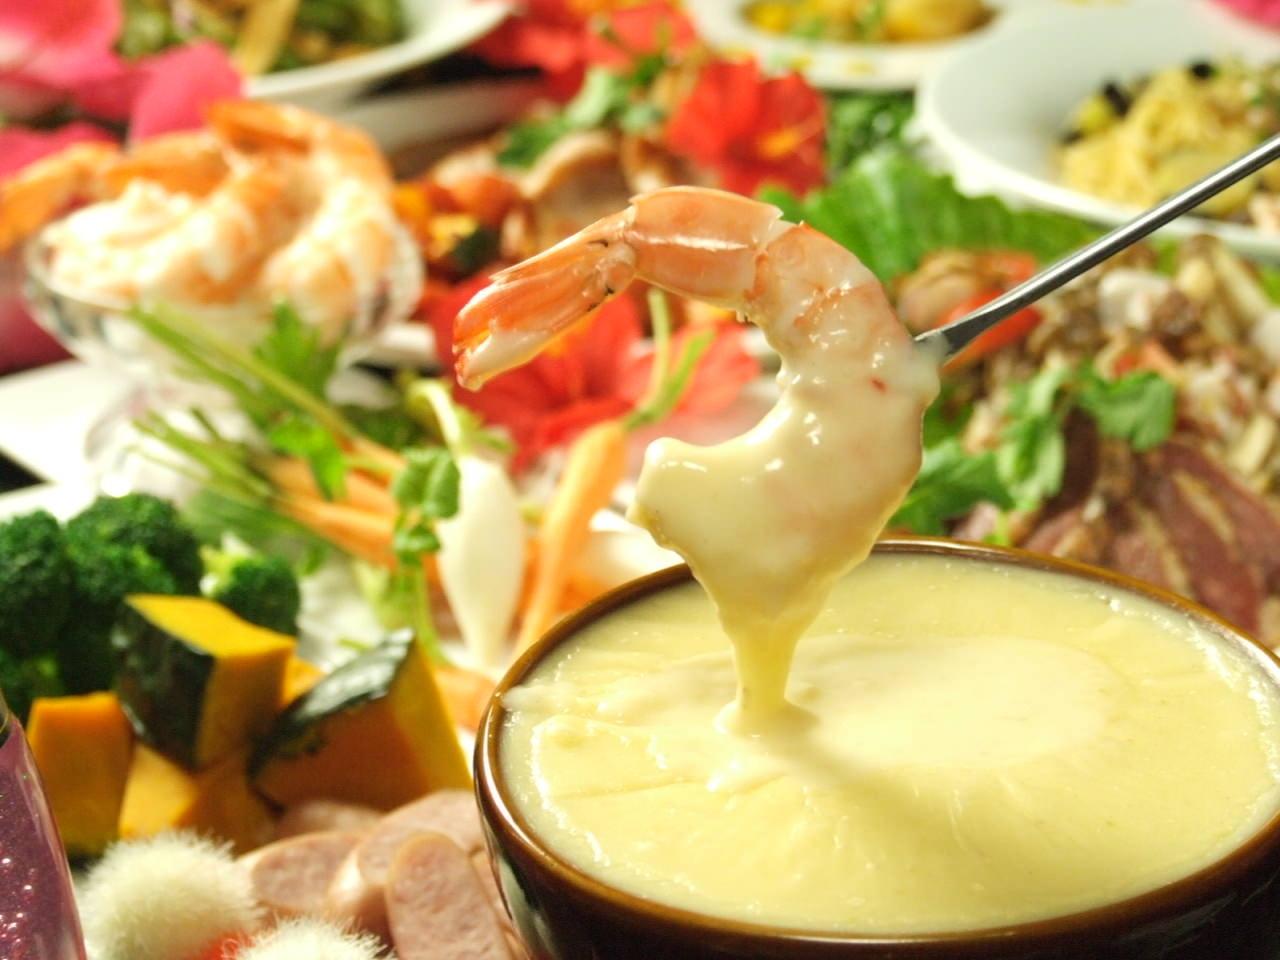 チーズフォンデュにぴったりな具材は?オススメの具材をご紹介!のサムネイル画像